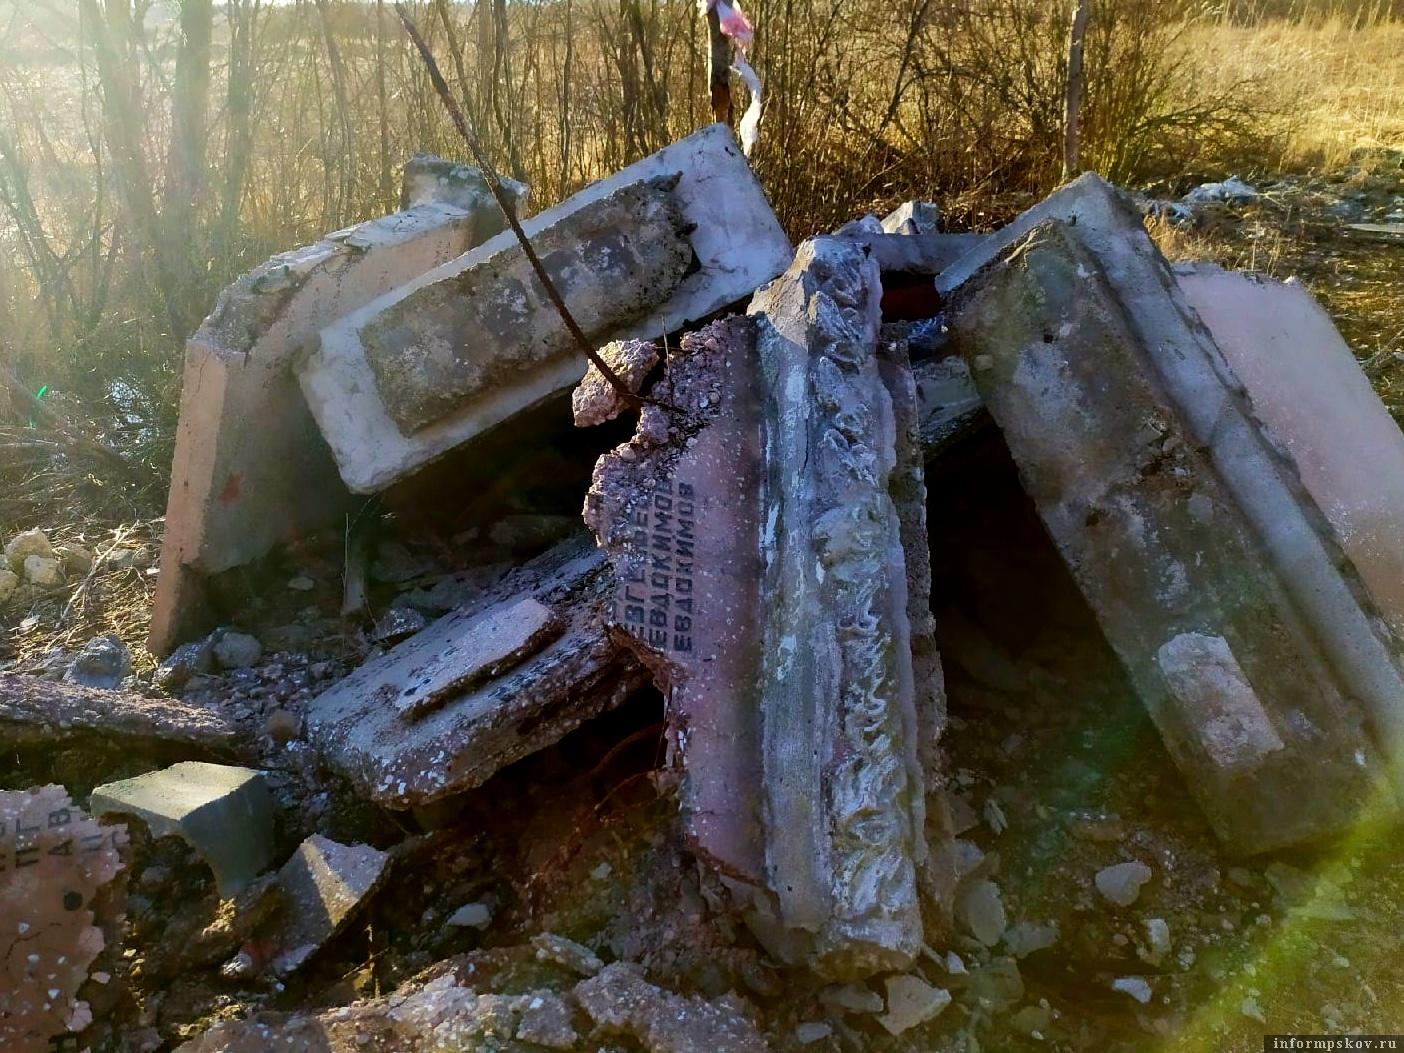 Надгробия свалены в кучу в лесу. Фото Андрея Бениаминова.